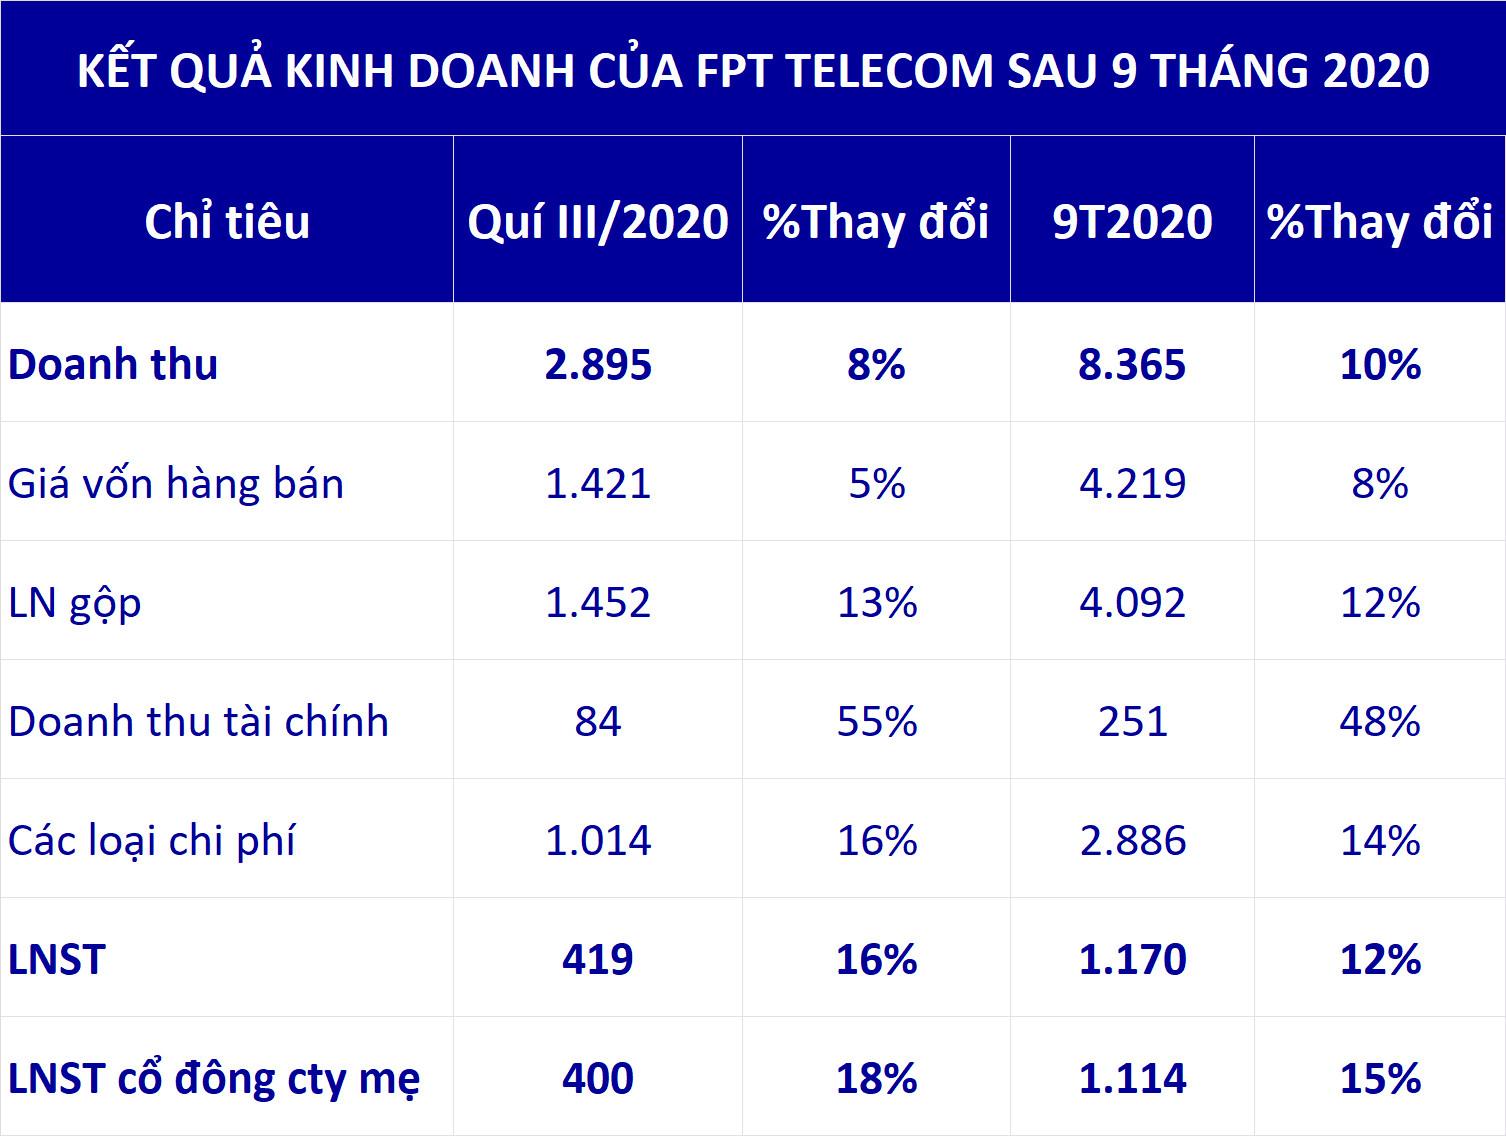 FPT Telecom 9 tháng lãi hơn 1.100 tỉ đồng, EPS đạt 5.459 đồng - Ảnh 1.